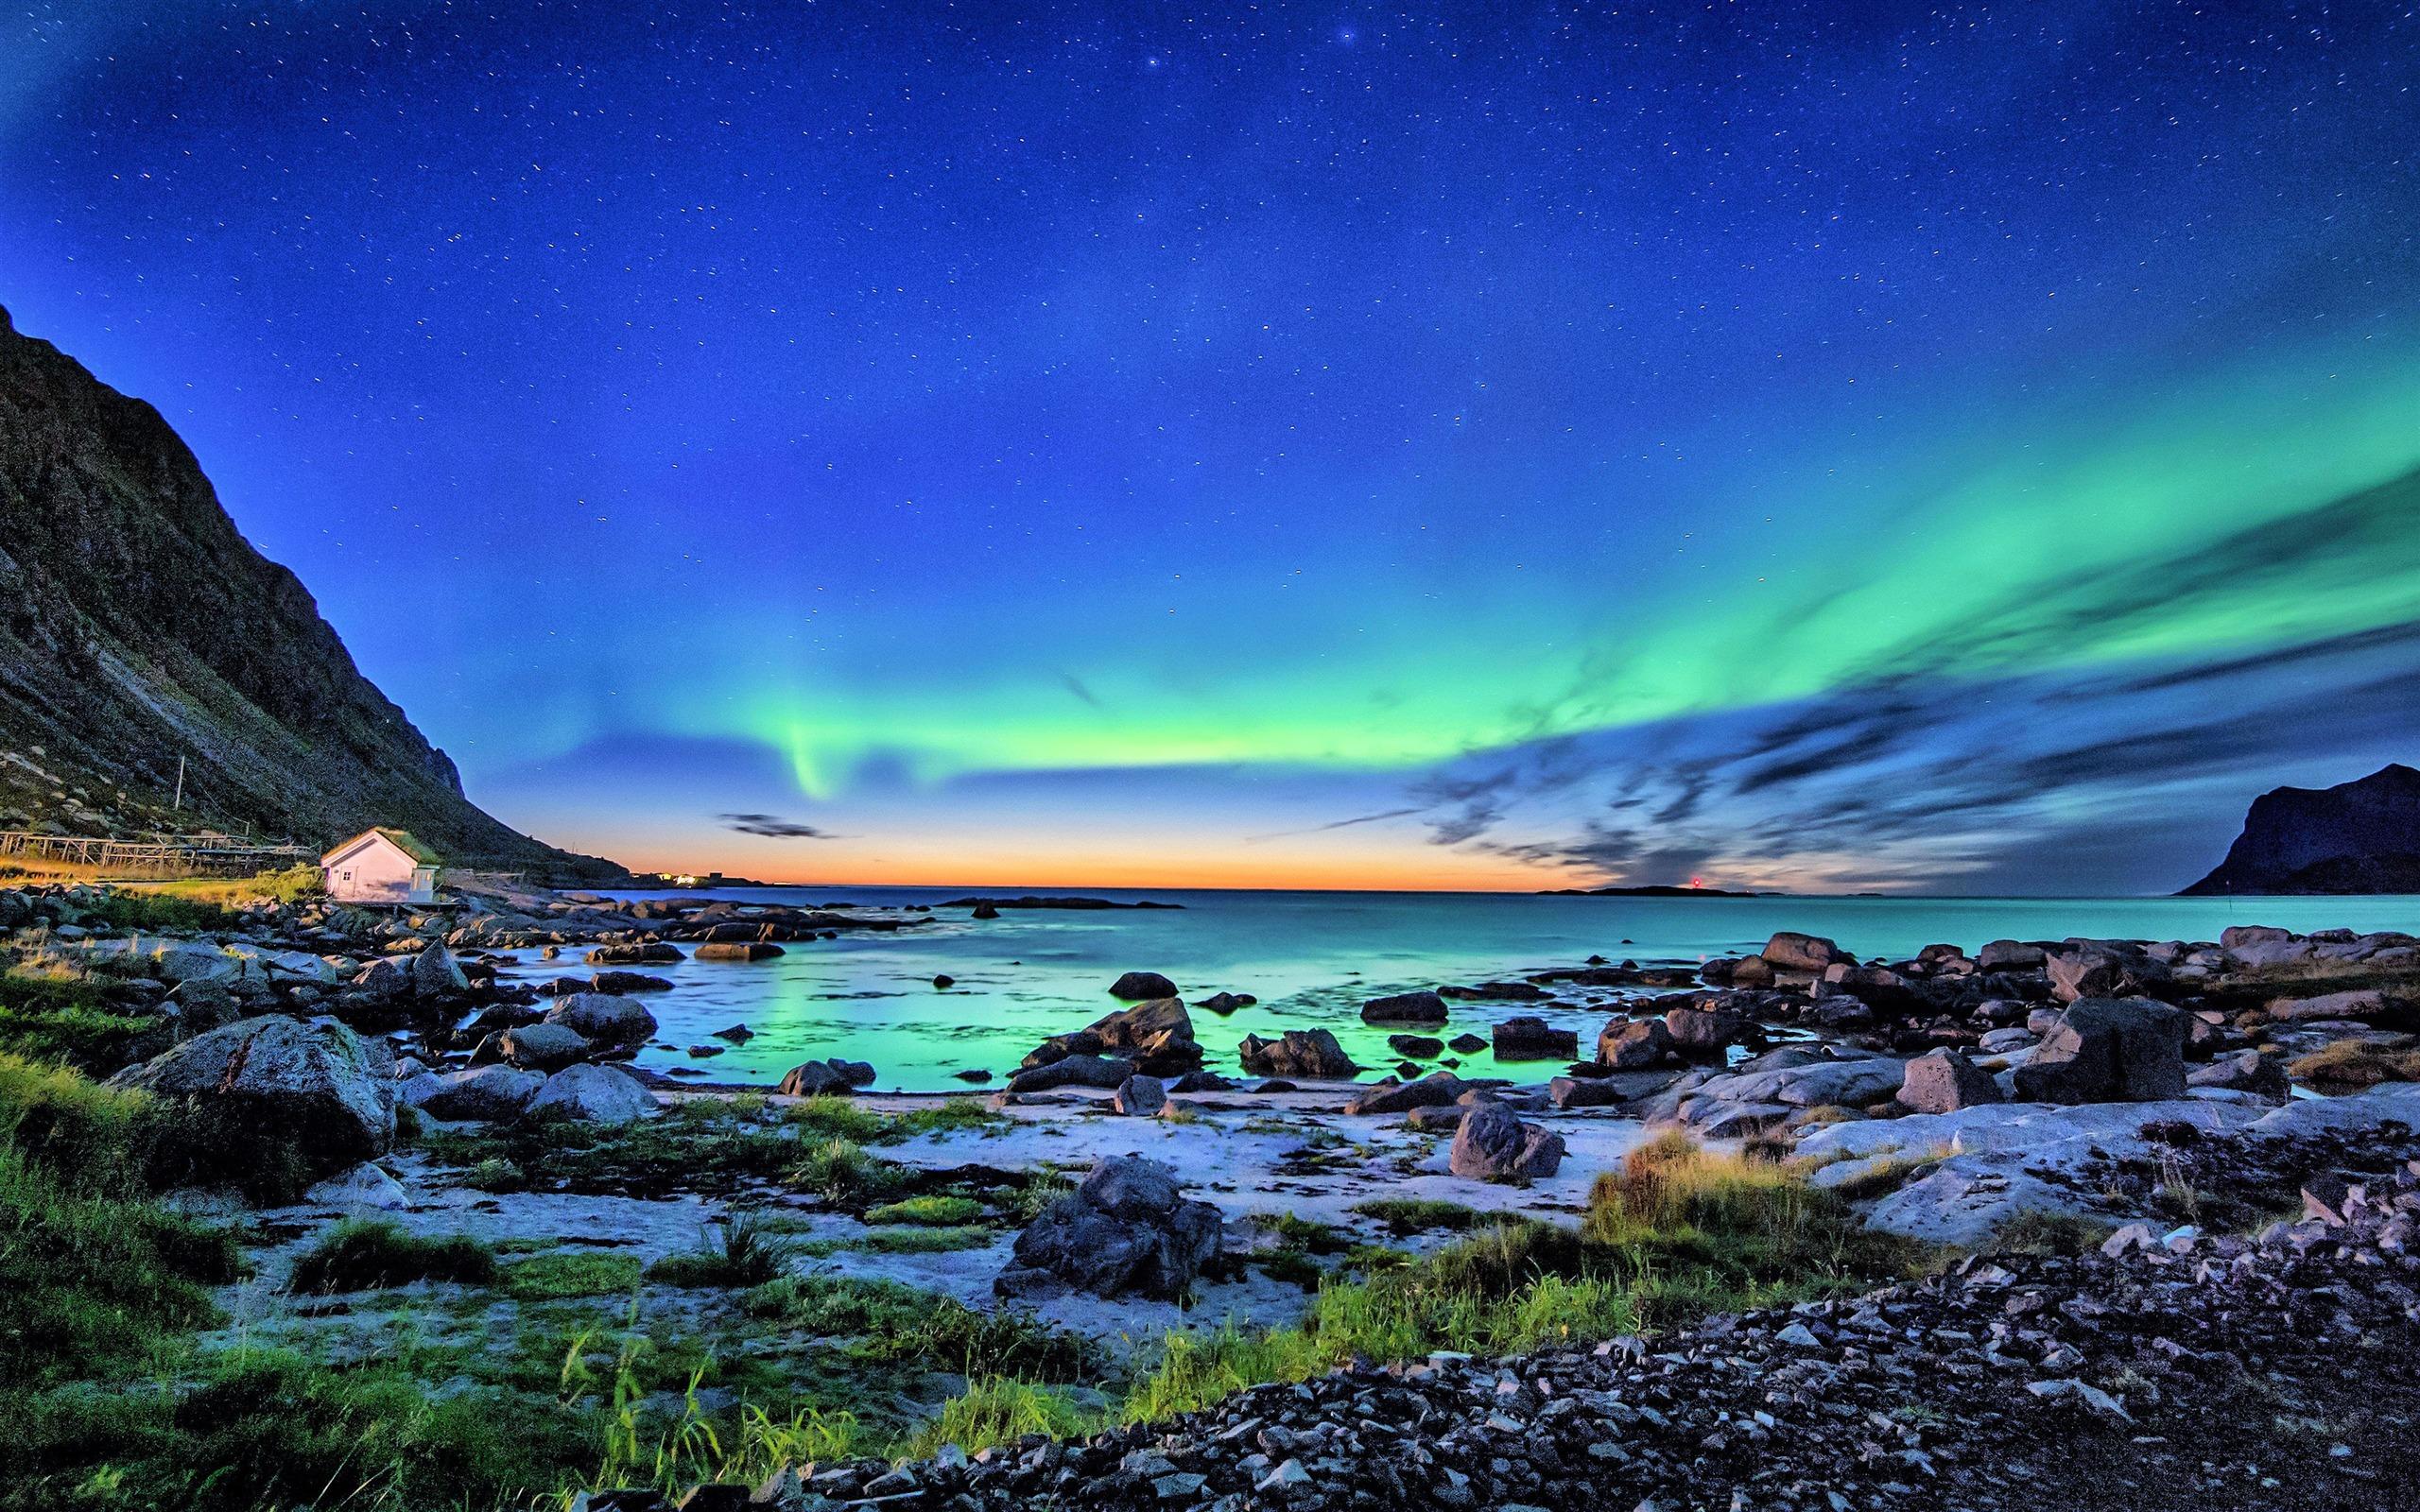 Aurora Borealis Coastline 2019 Nature Scenery Photo ...